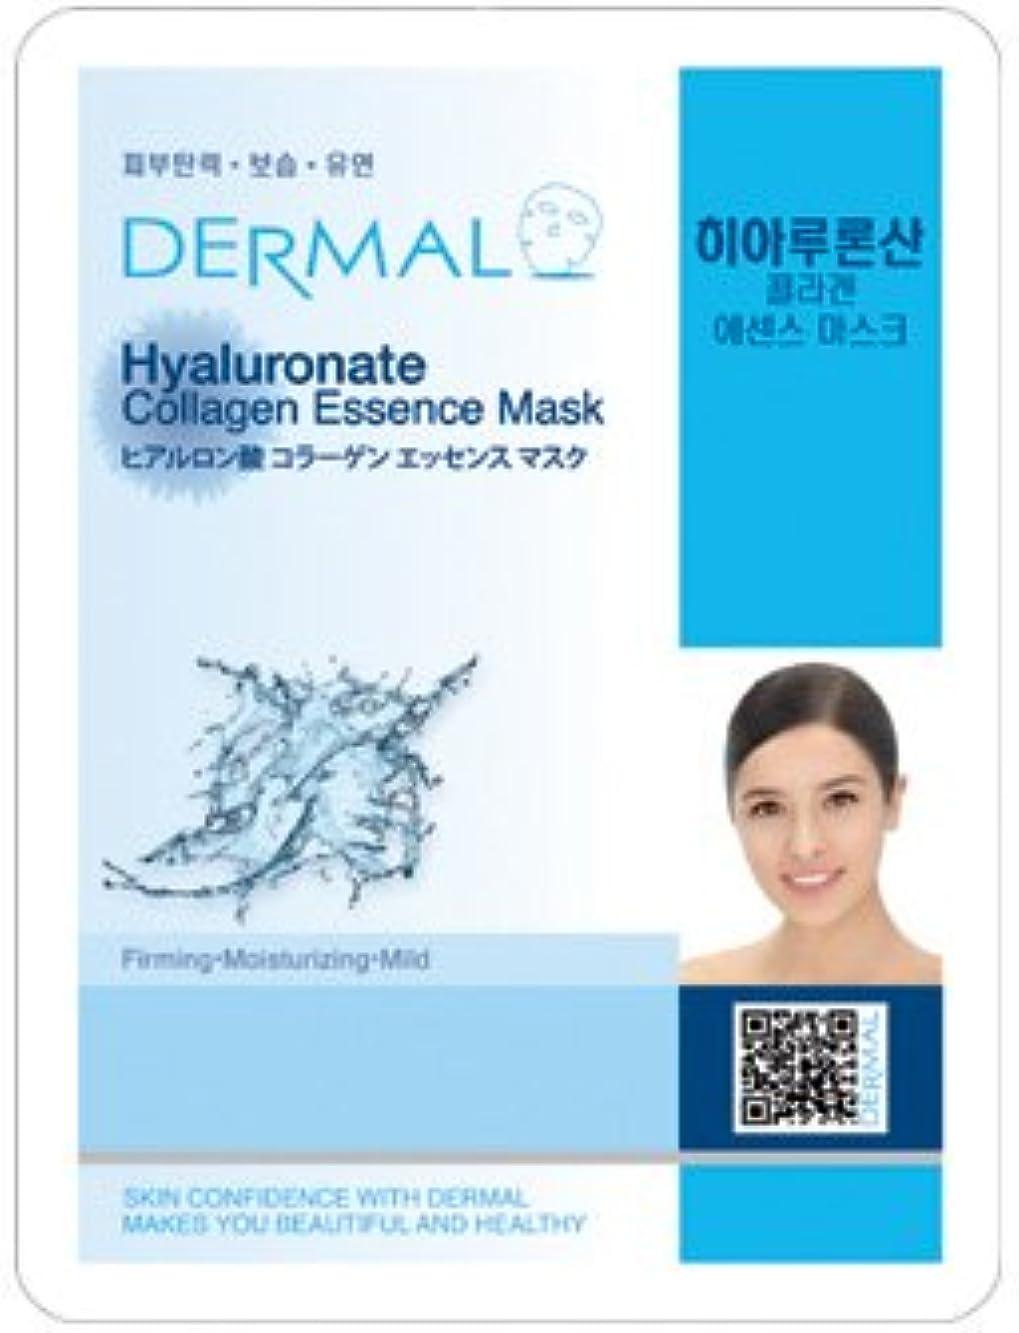 十分にジョガー発表シートマスク ヒアルロン酸 100枚セット ダーマル(Dermal) フェイス パック